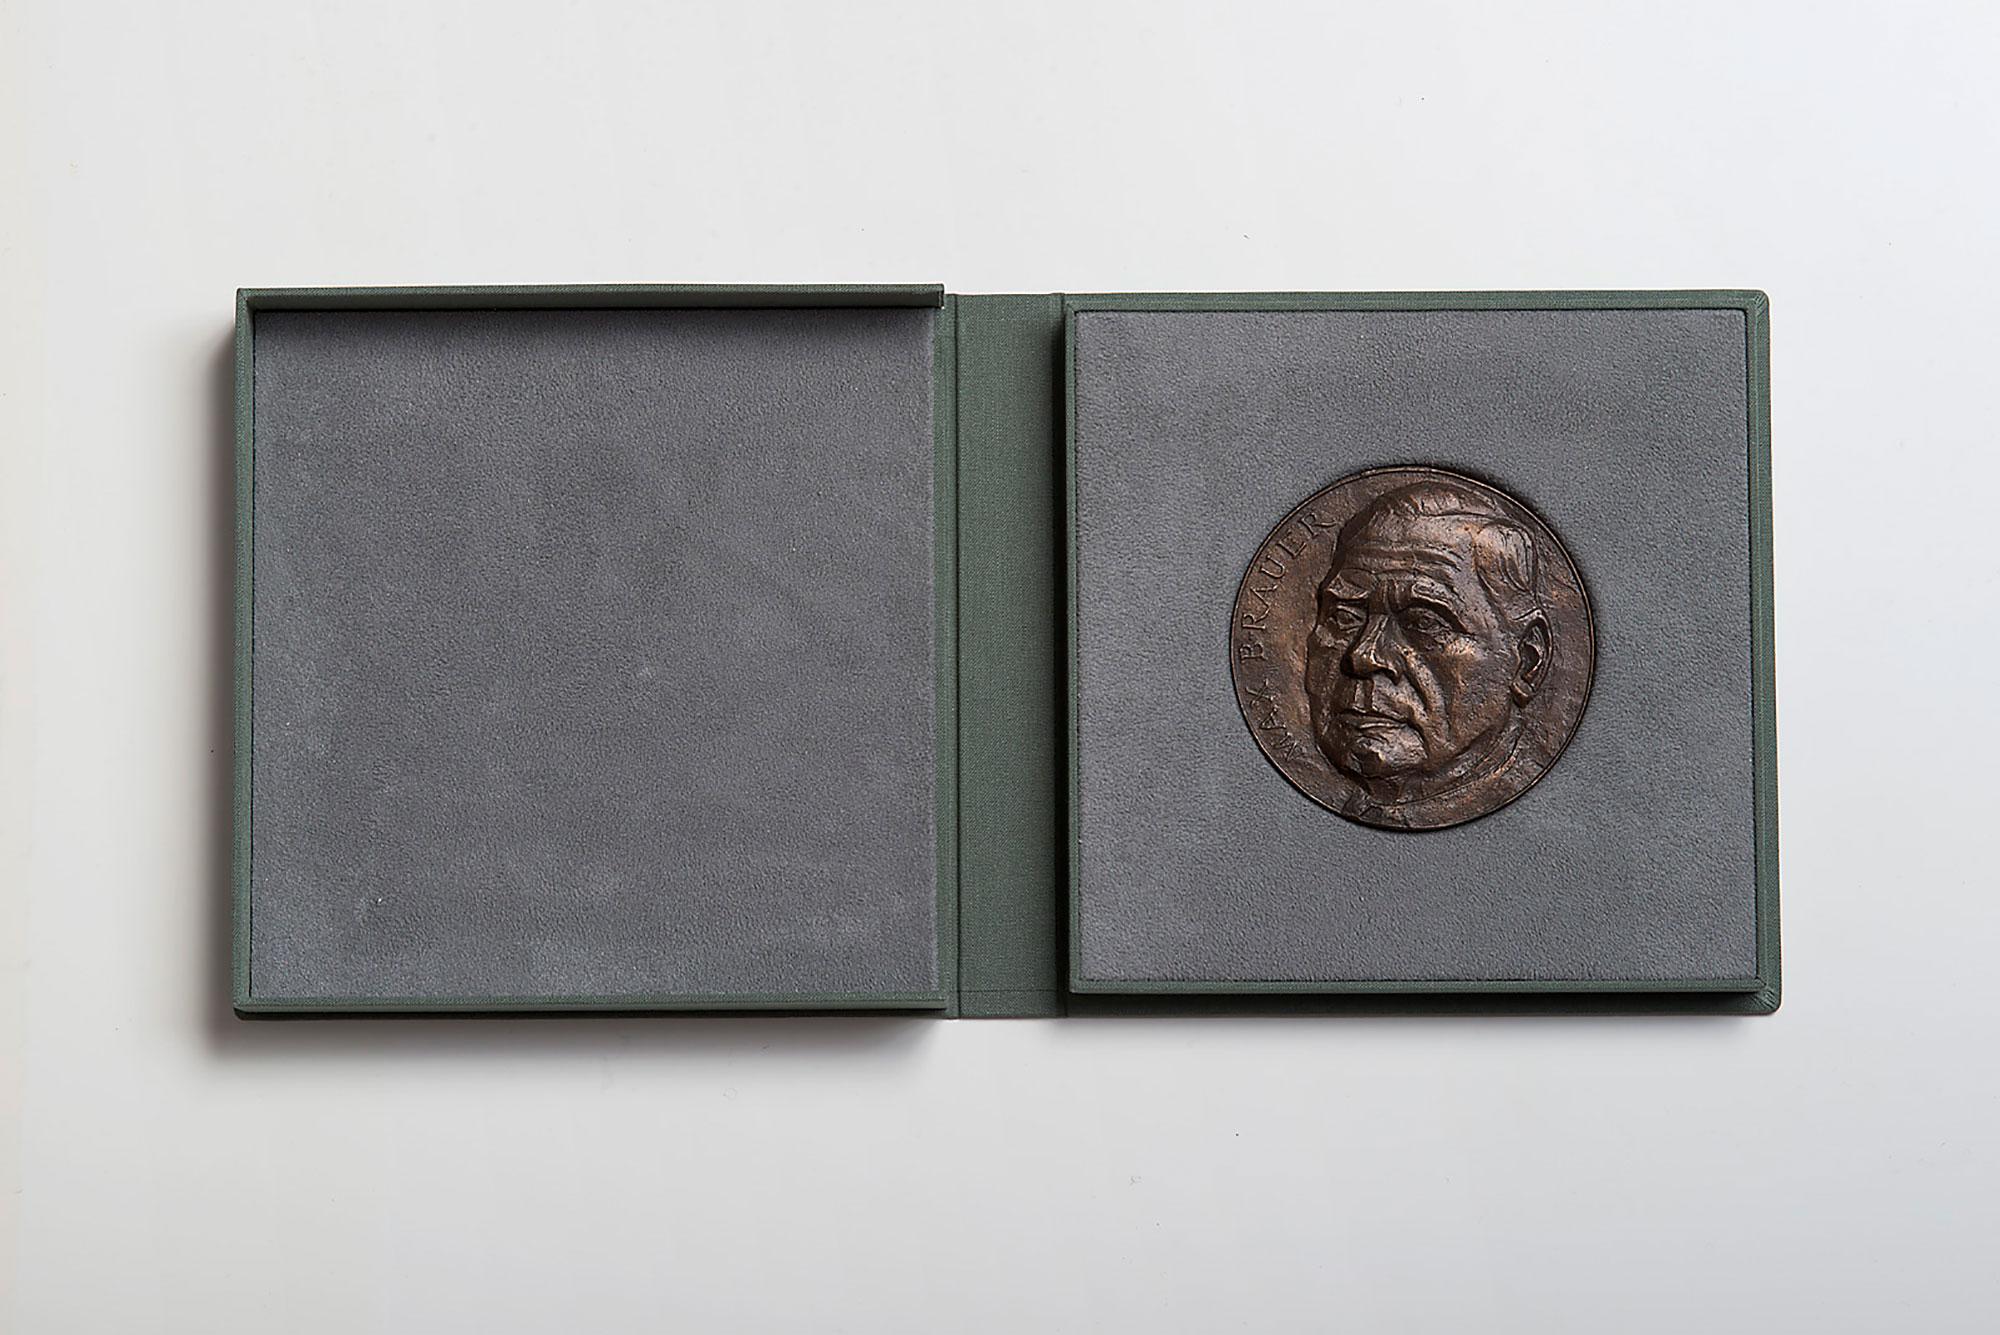 Kassette für Medaille